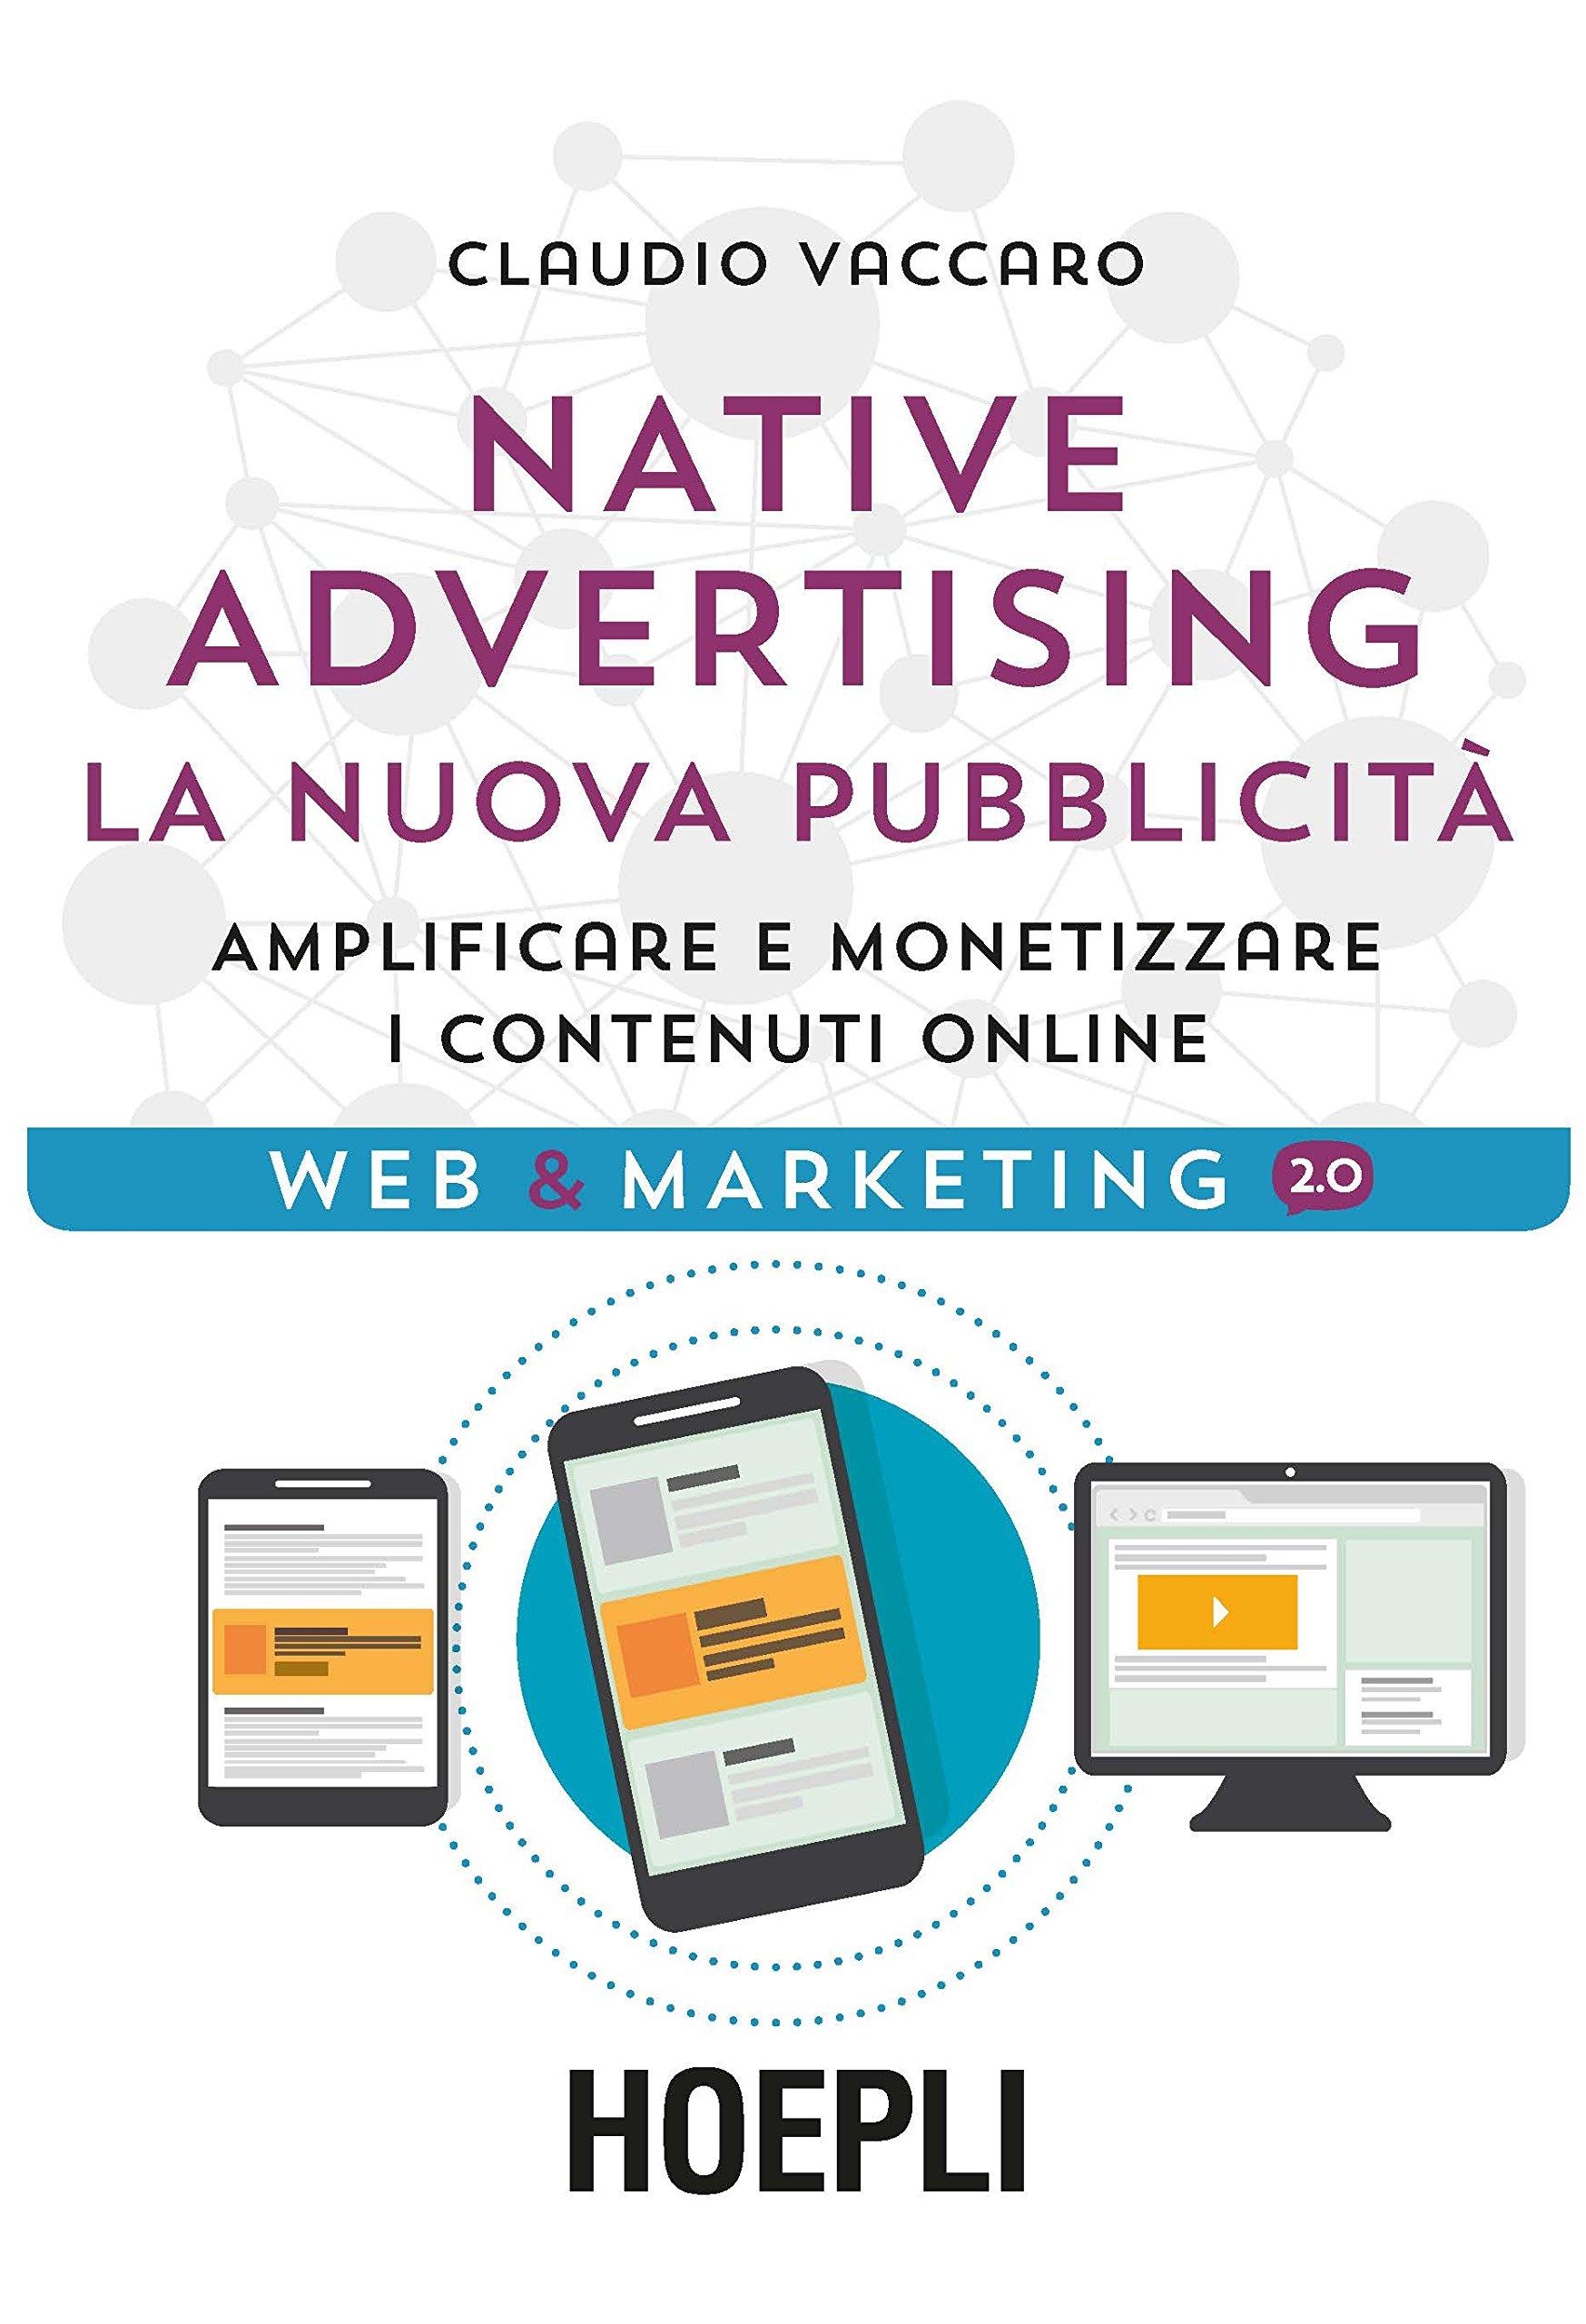 Libro Native Advertising - La nuova pubblicità. Claudio Vaccaro